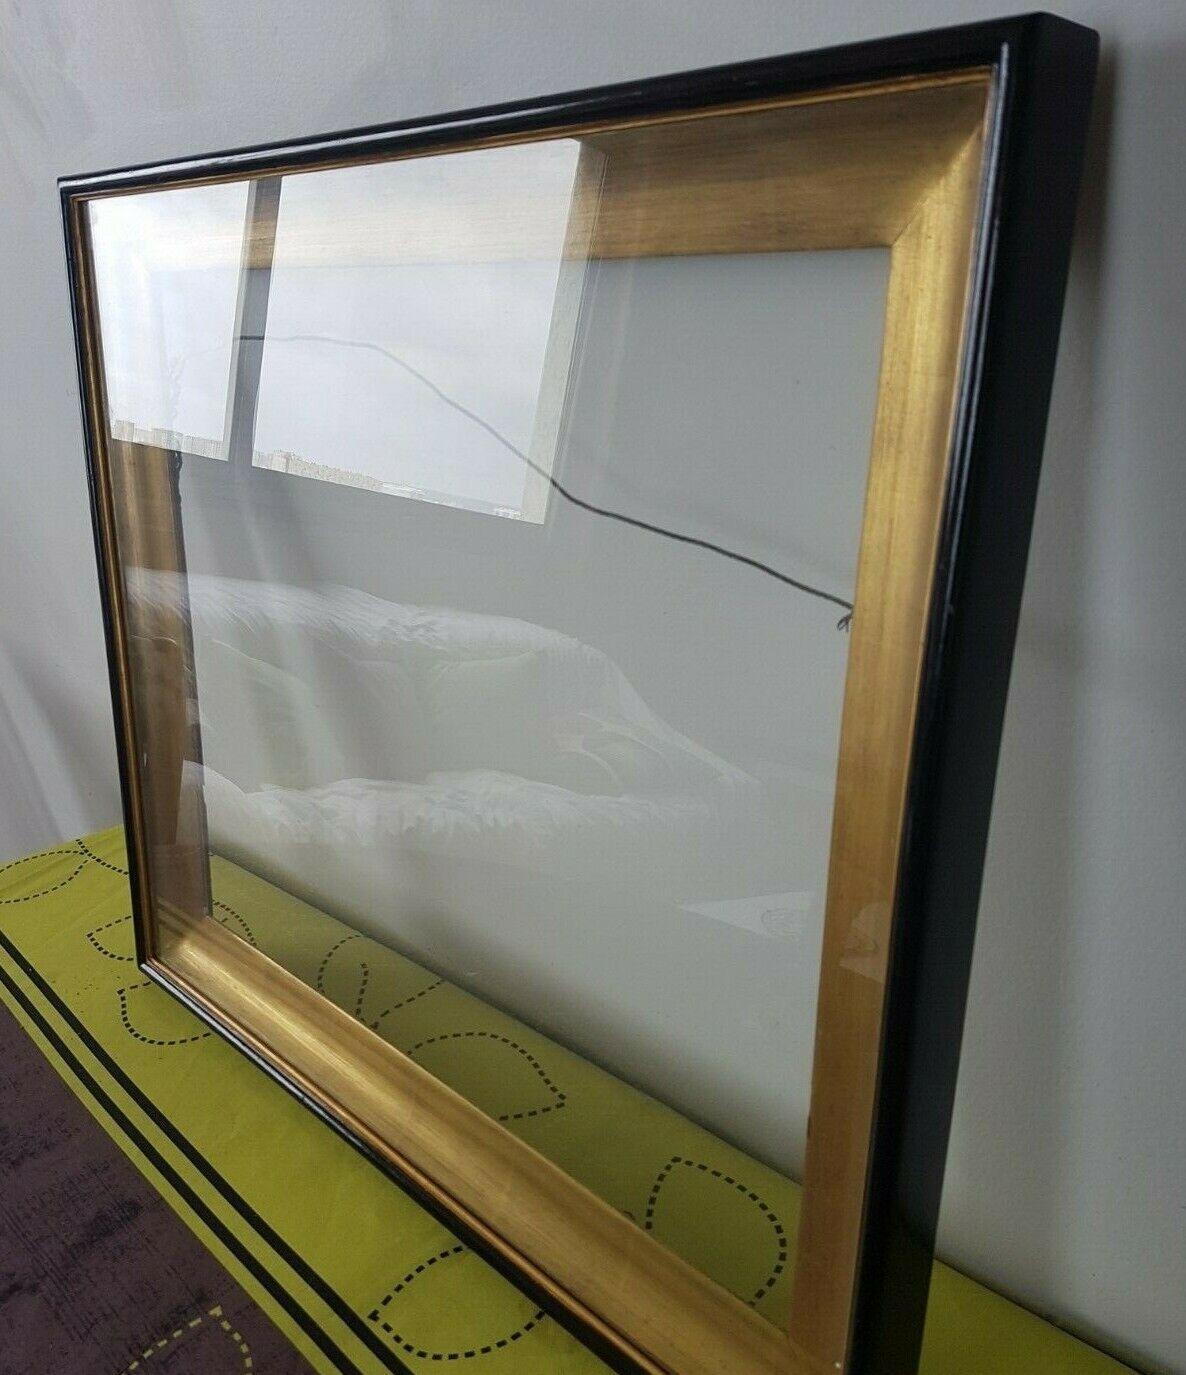 Cadre avec sous verre intégré, en bois doré tranche schwarze, feuillure 43 x 51 cm